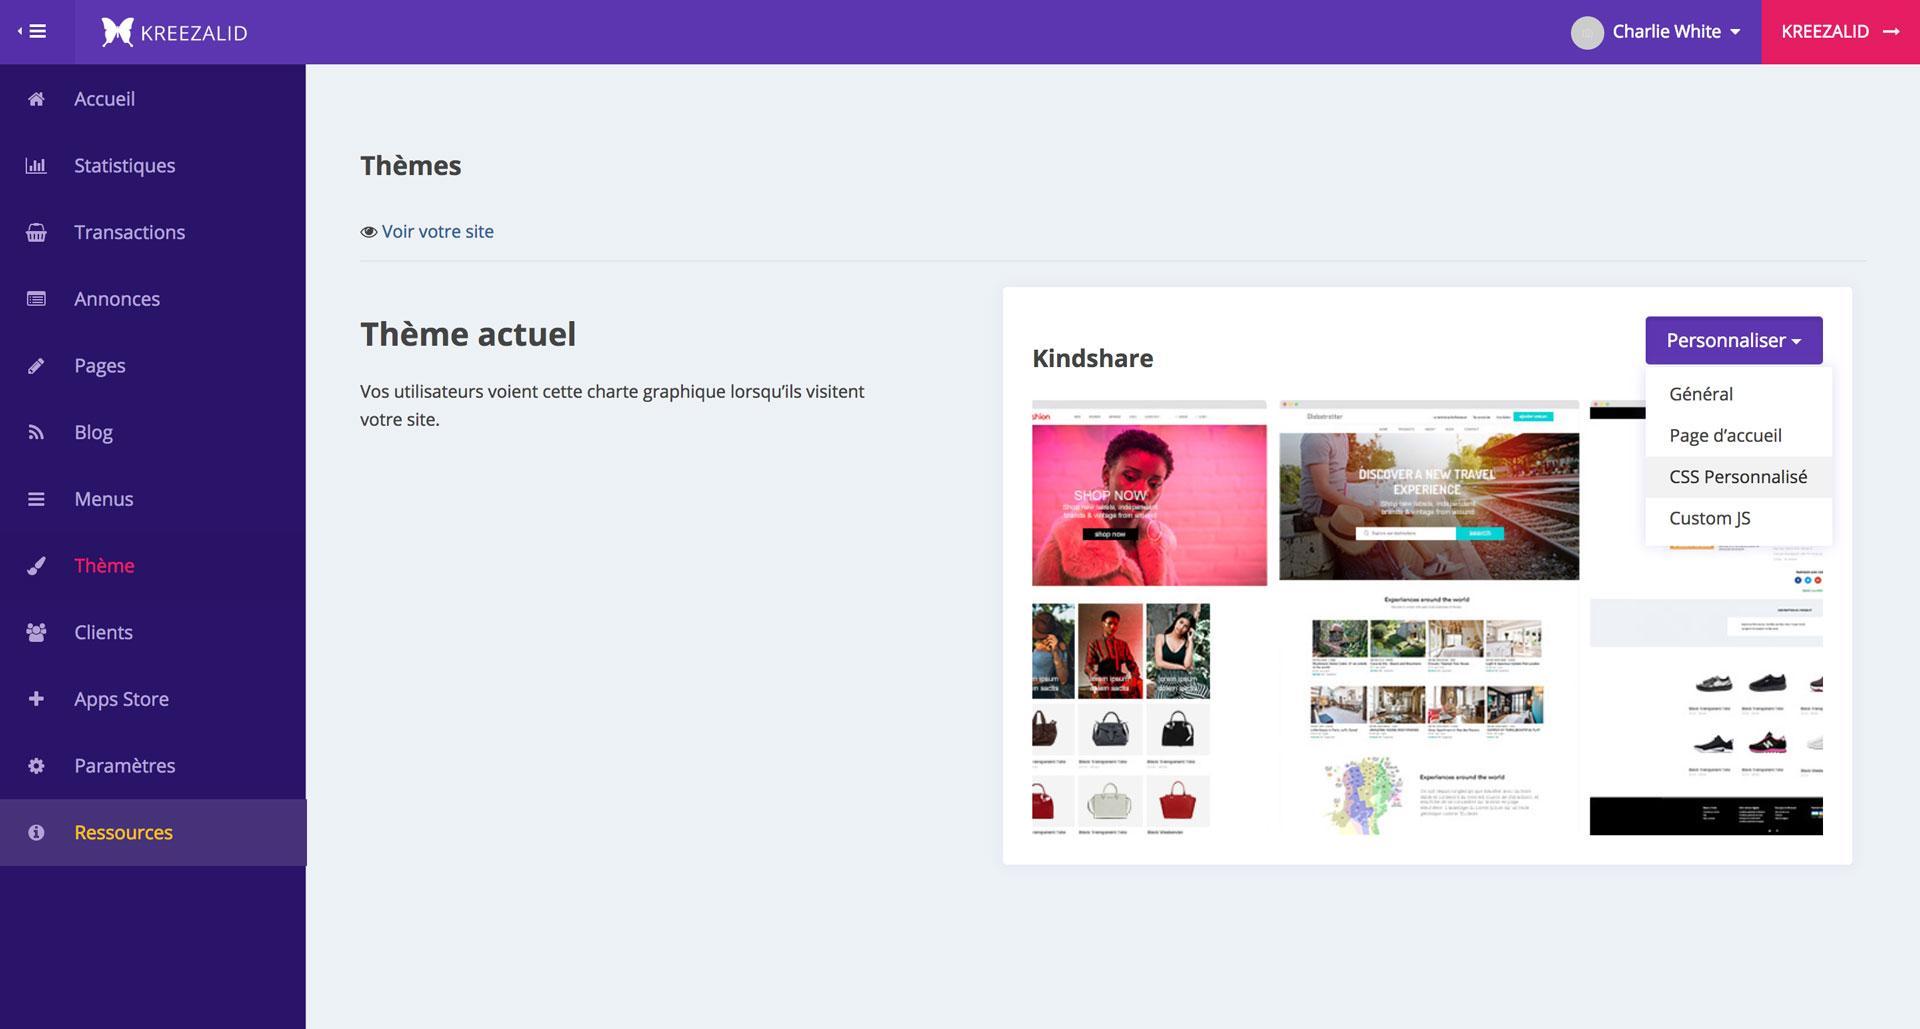 Fügen Sie benutzerdefinierte CSS Ihrem Markt